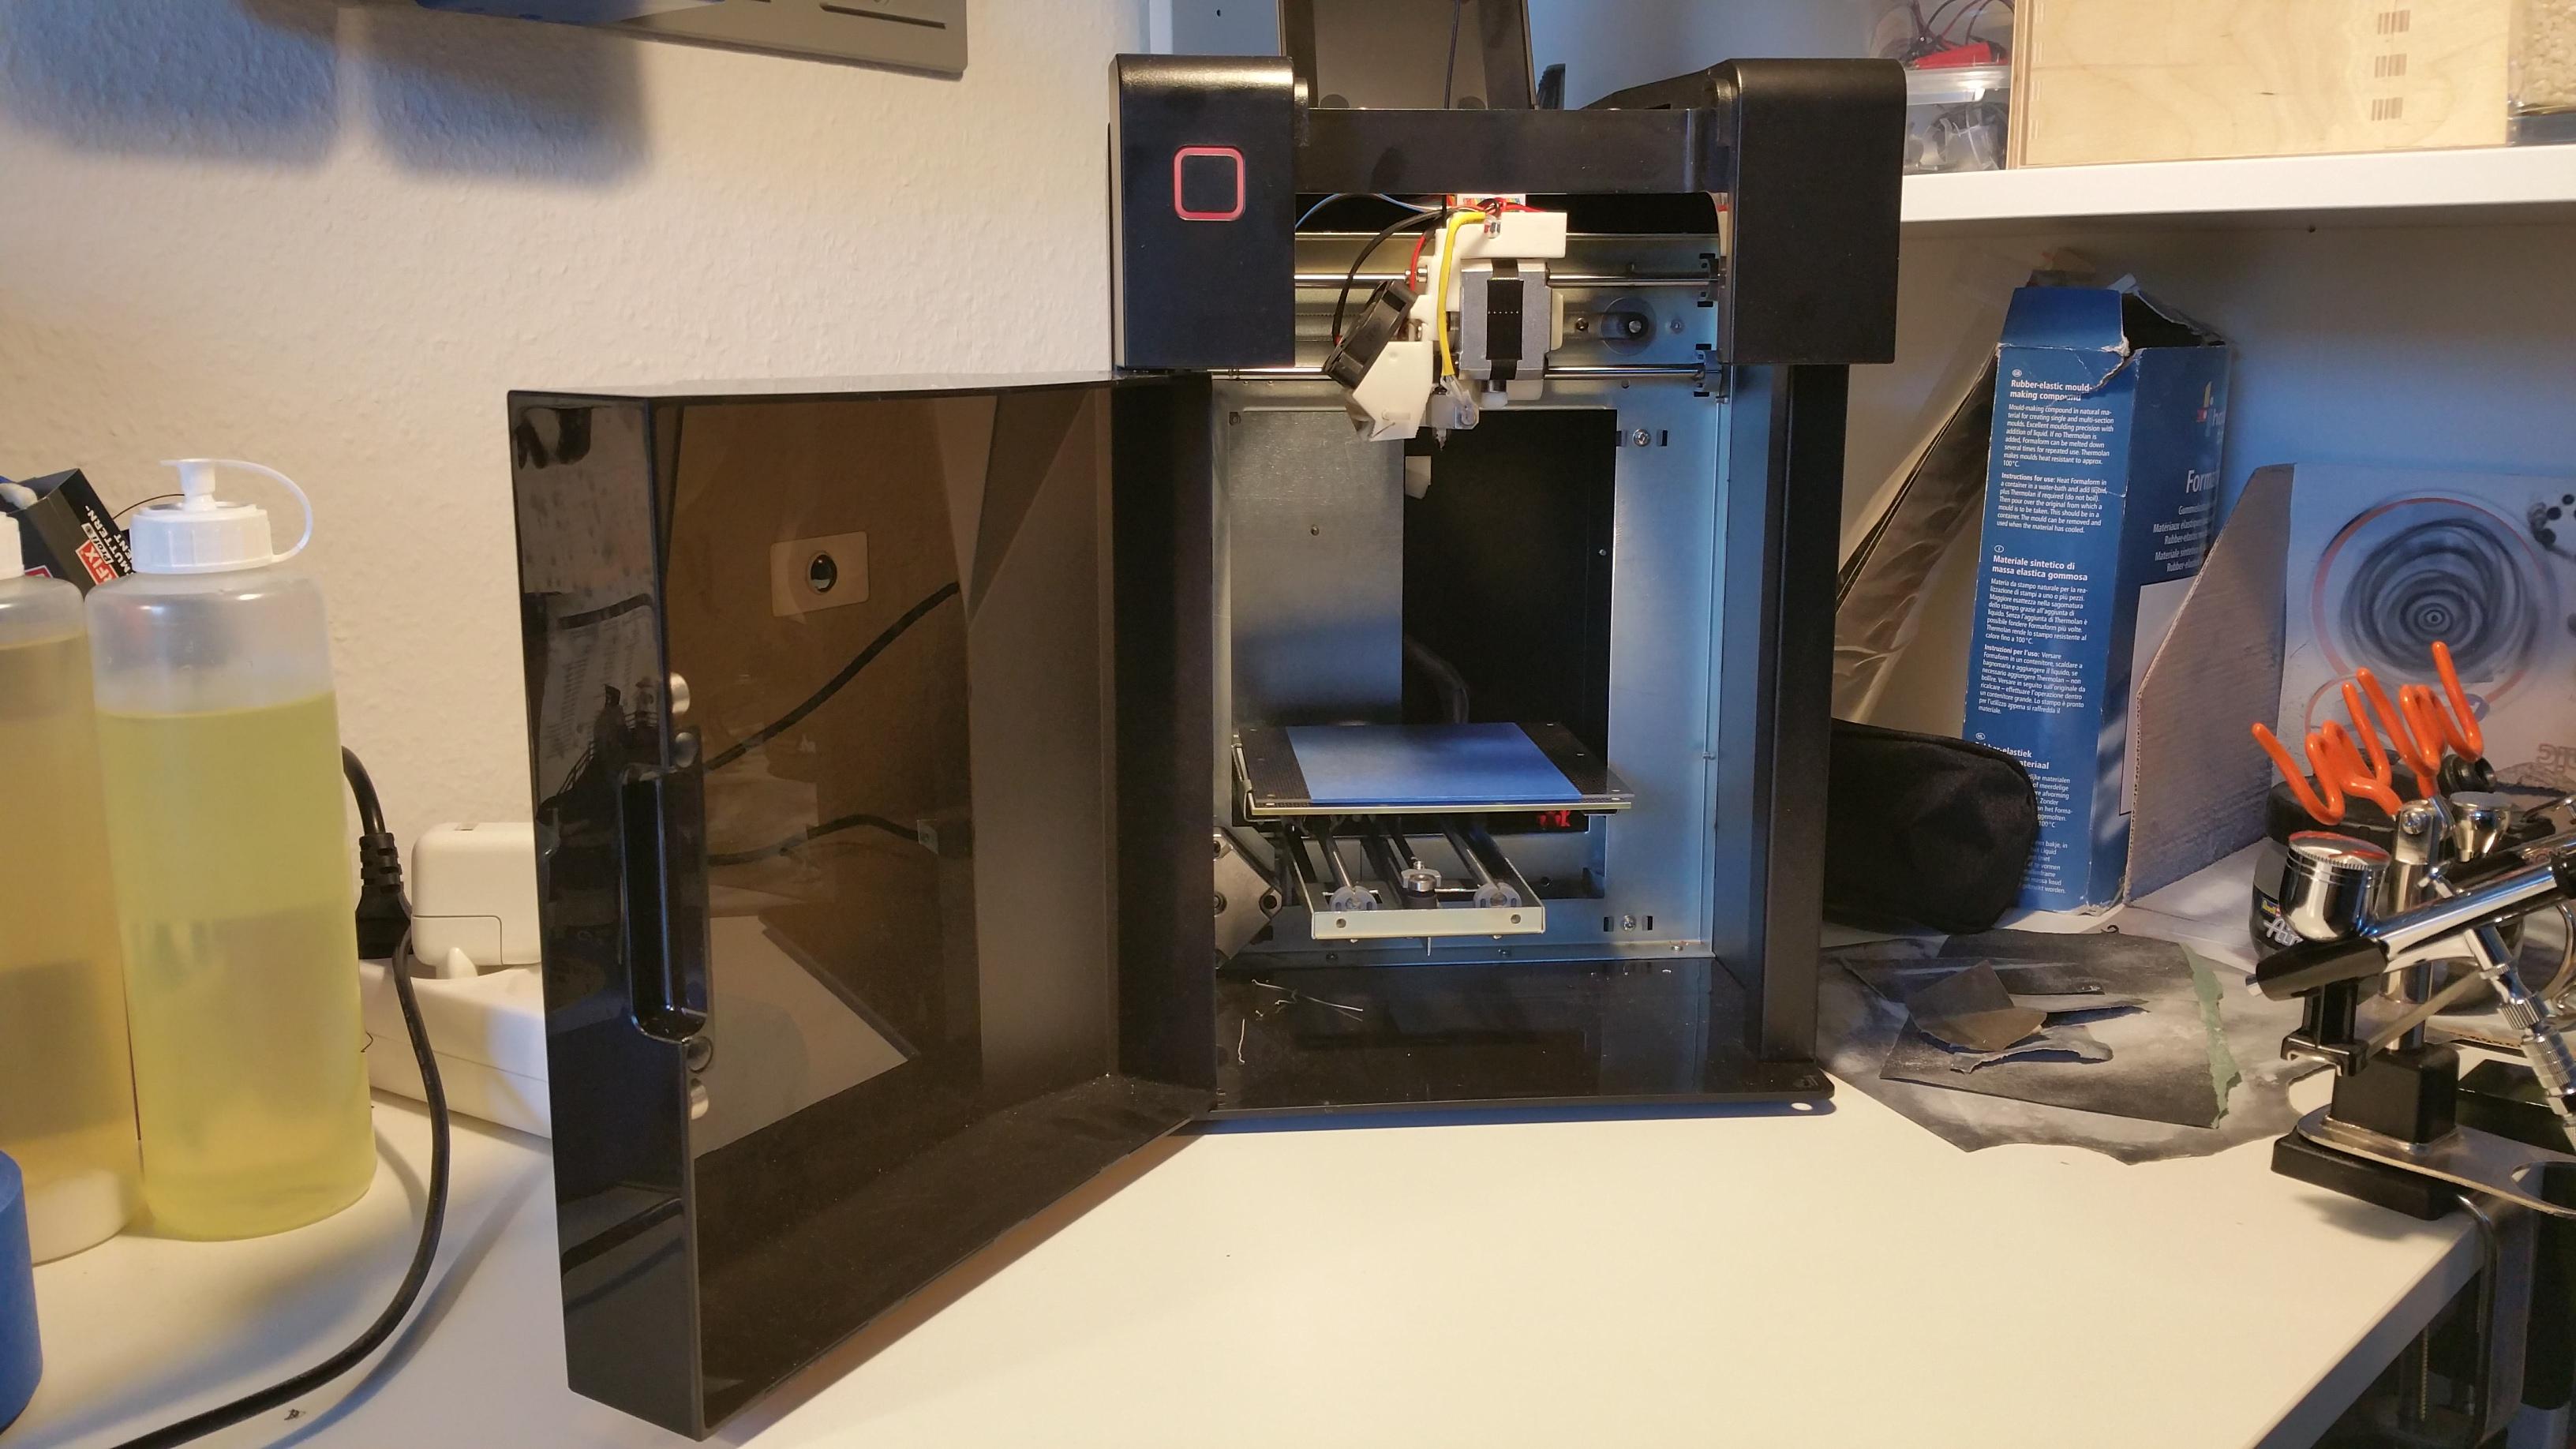 Eigentlich hängt die Filamentrolle auf der Rückseite des Druckers. Weil das aber gelegentlich hakt habe ich die Rolle am Regal befestigt, direkt über dem Drucker.